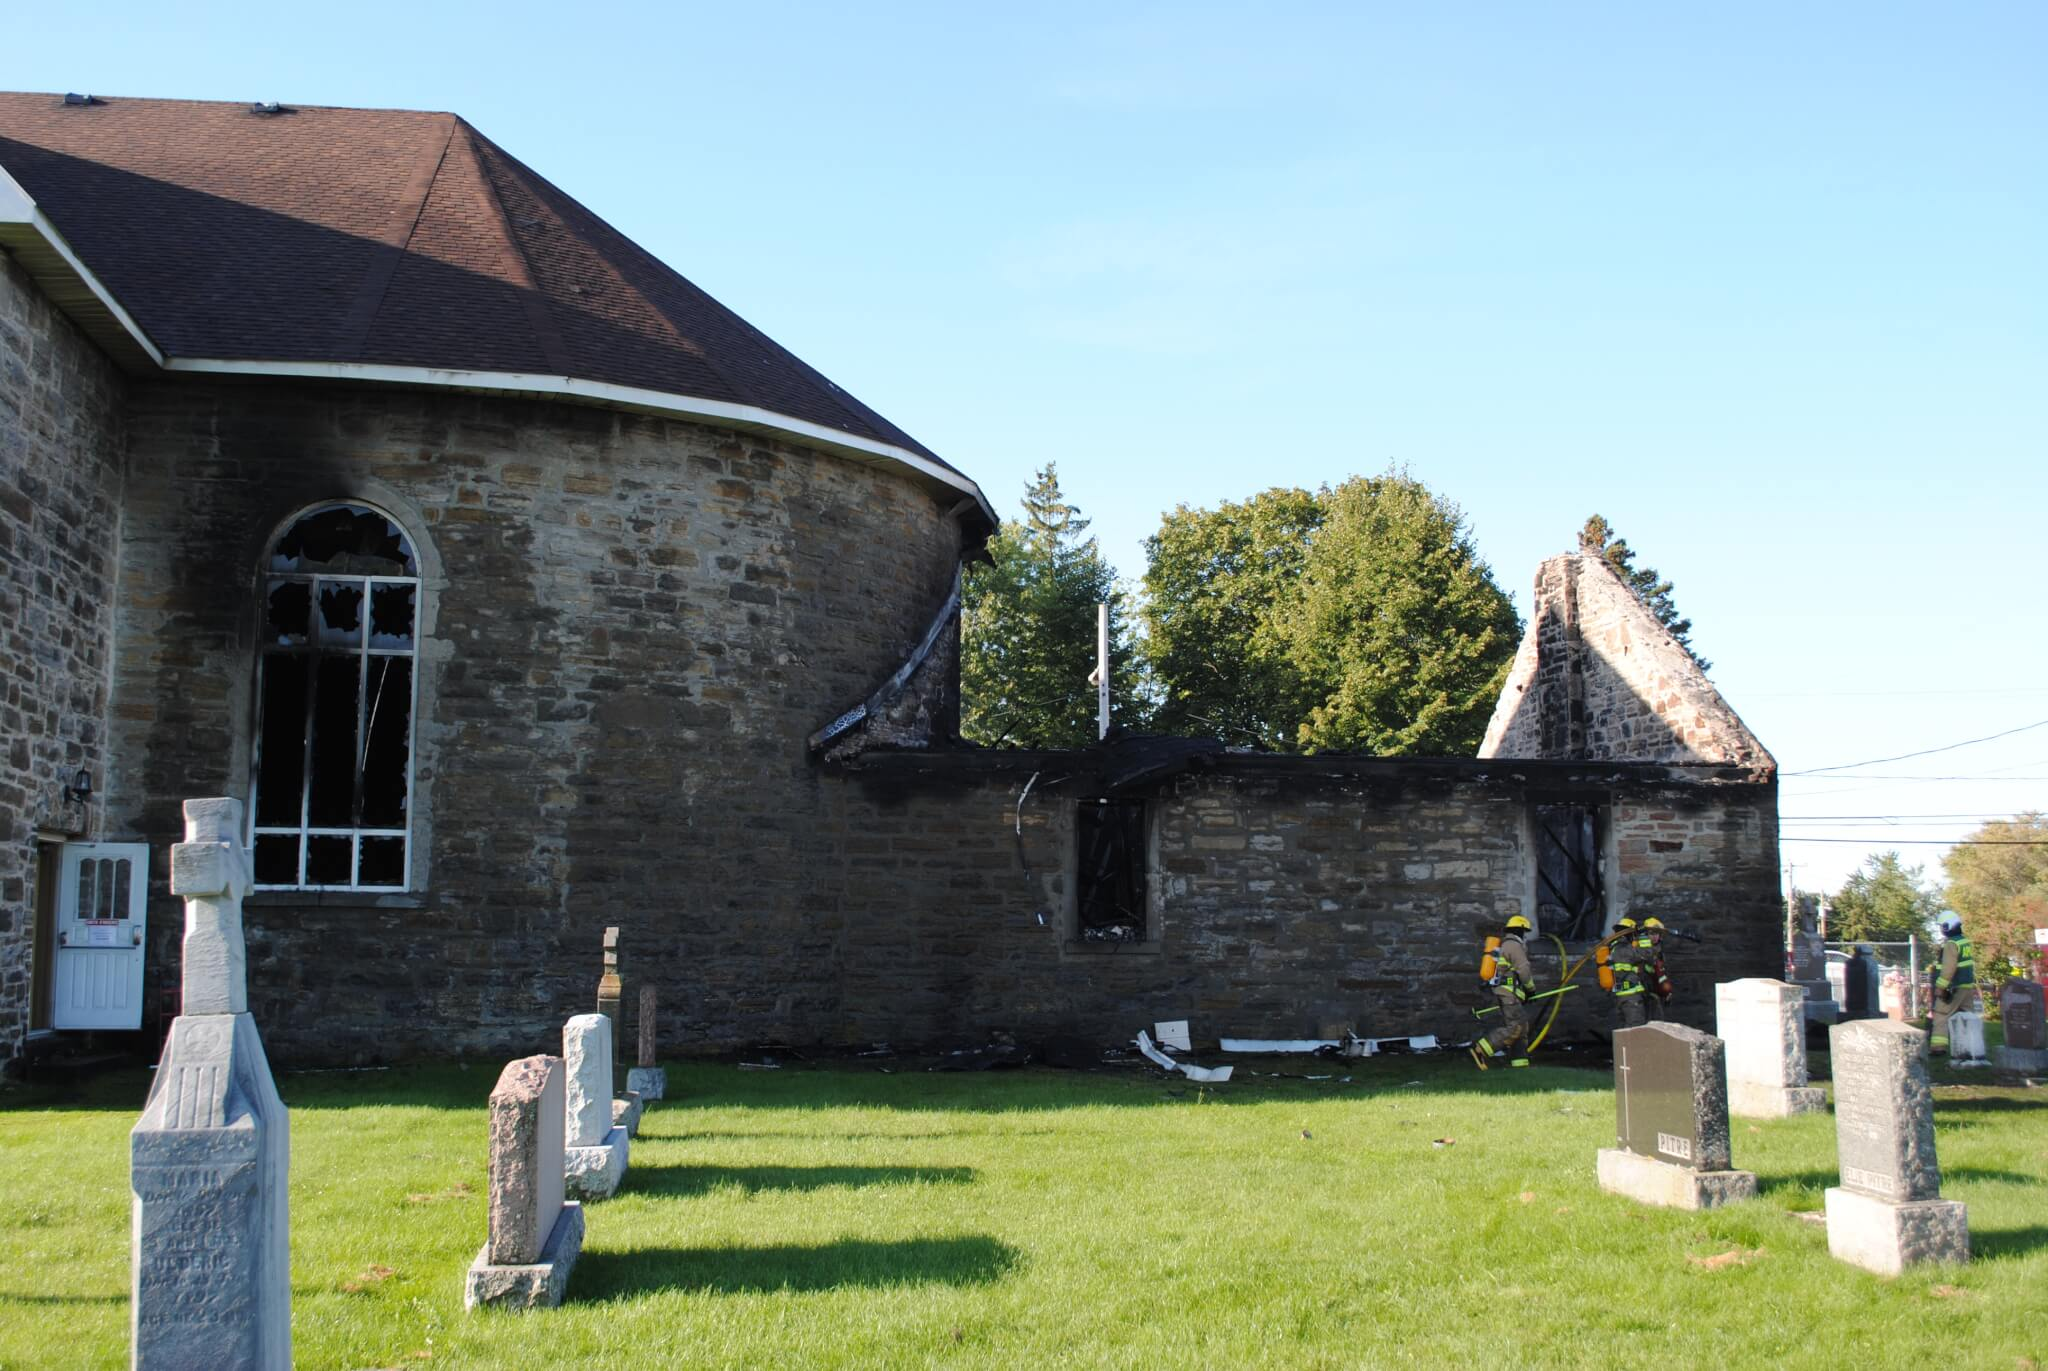 Incendie de l'église Sainte-Philomène: témoins recherchés